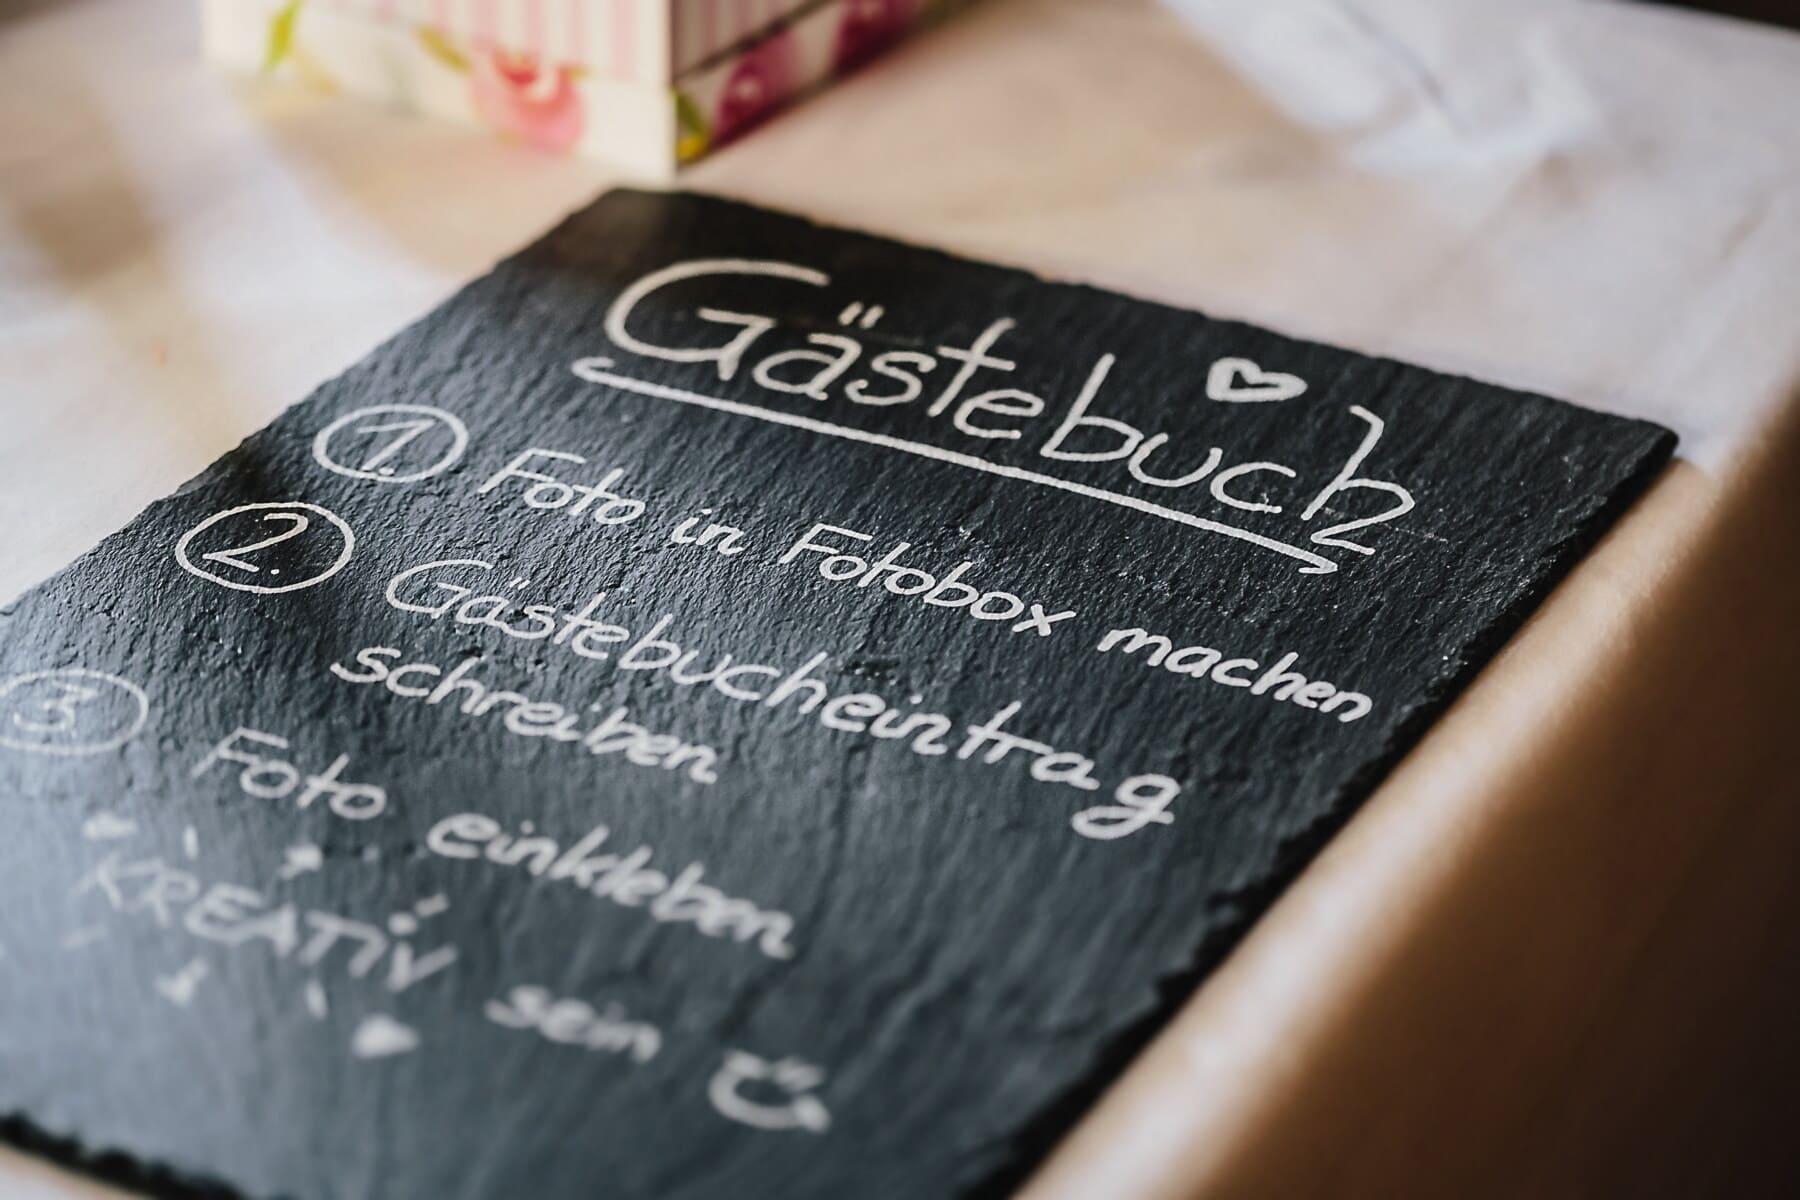 ドイツ語, アルファベット, テキスト, 言語, 黒と白, 黒板, 白, メッセージ, チョーク, ビジネス